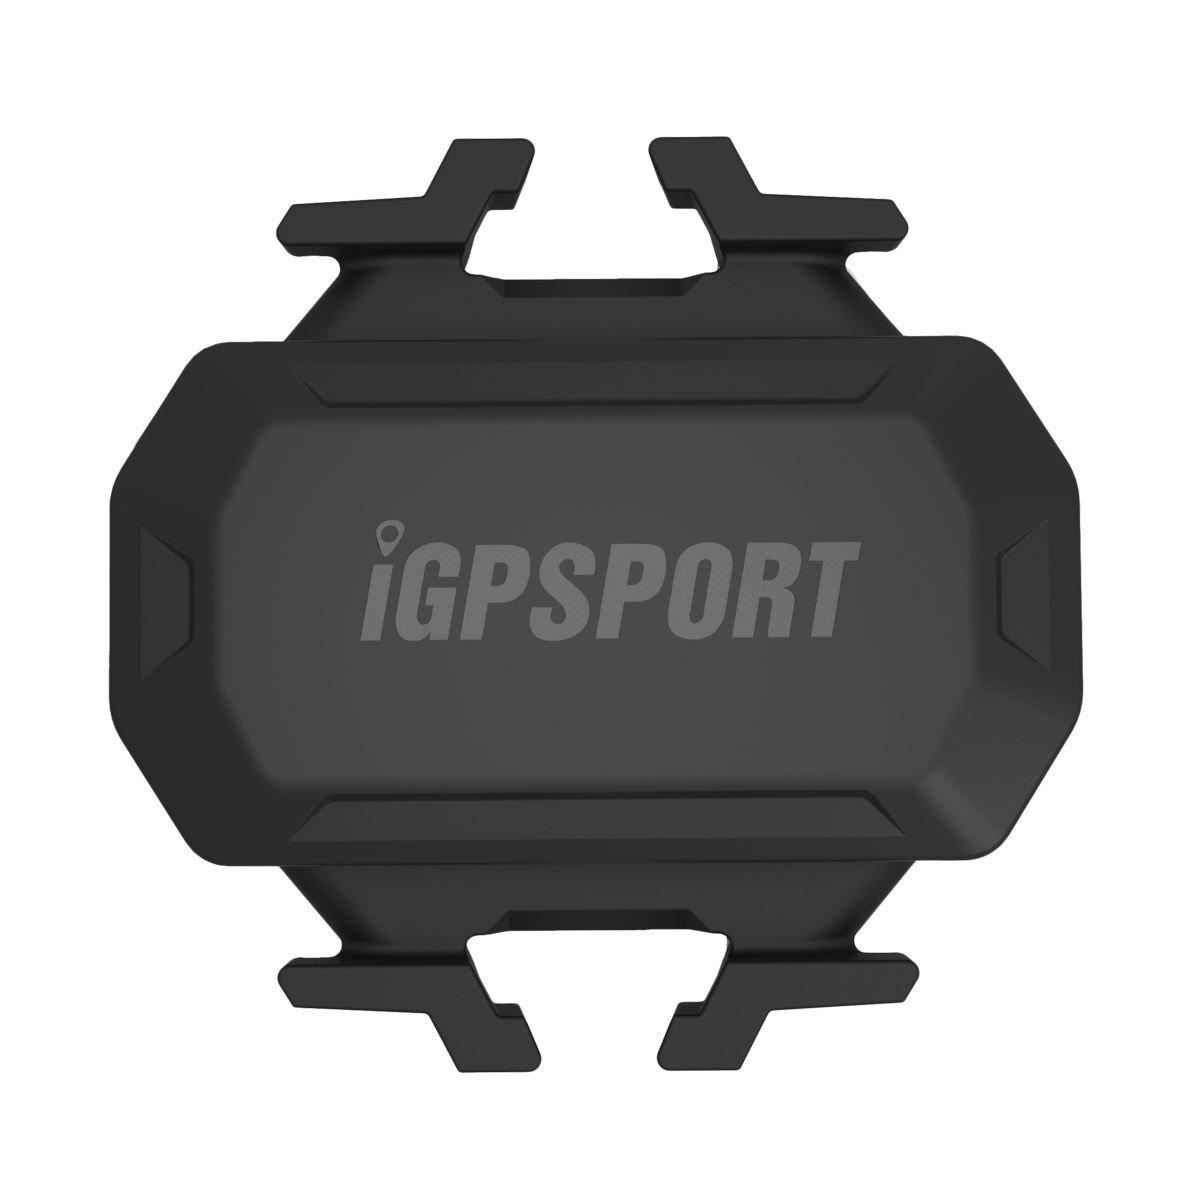 GPSPORT SPD61 (versió n europé enne) - Sensor de Velocidad inalá mbrico ANT+ / 2.4G y Bluetooth 4.0 ciclismo y bicicleta. Compatible con ciclo computadores GPS Garmin, Bryton, Sigma.. IPX7. Sin imanes iGPSPORT